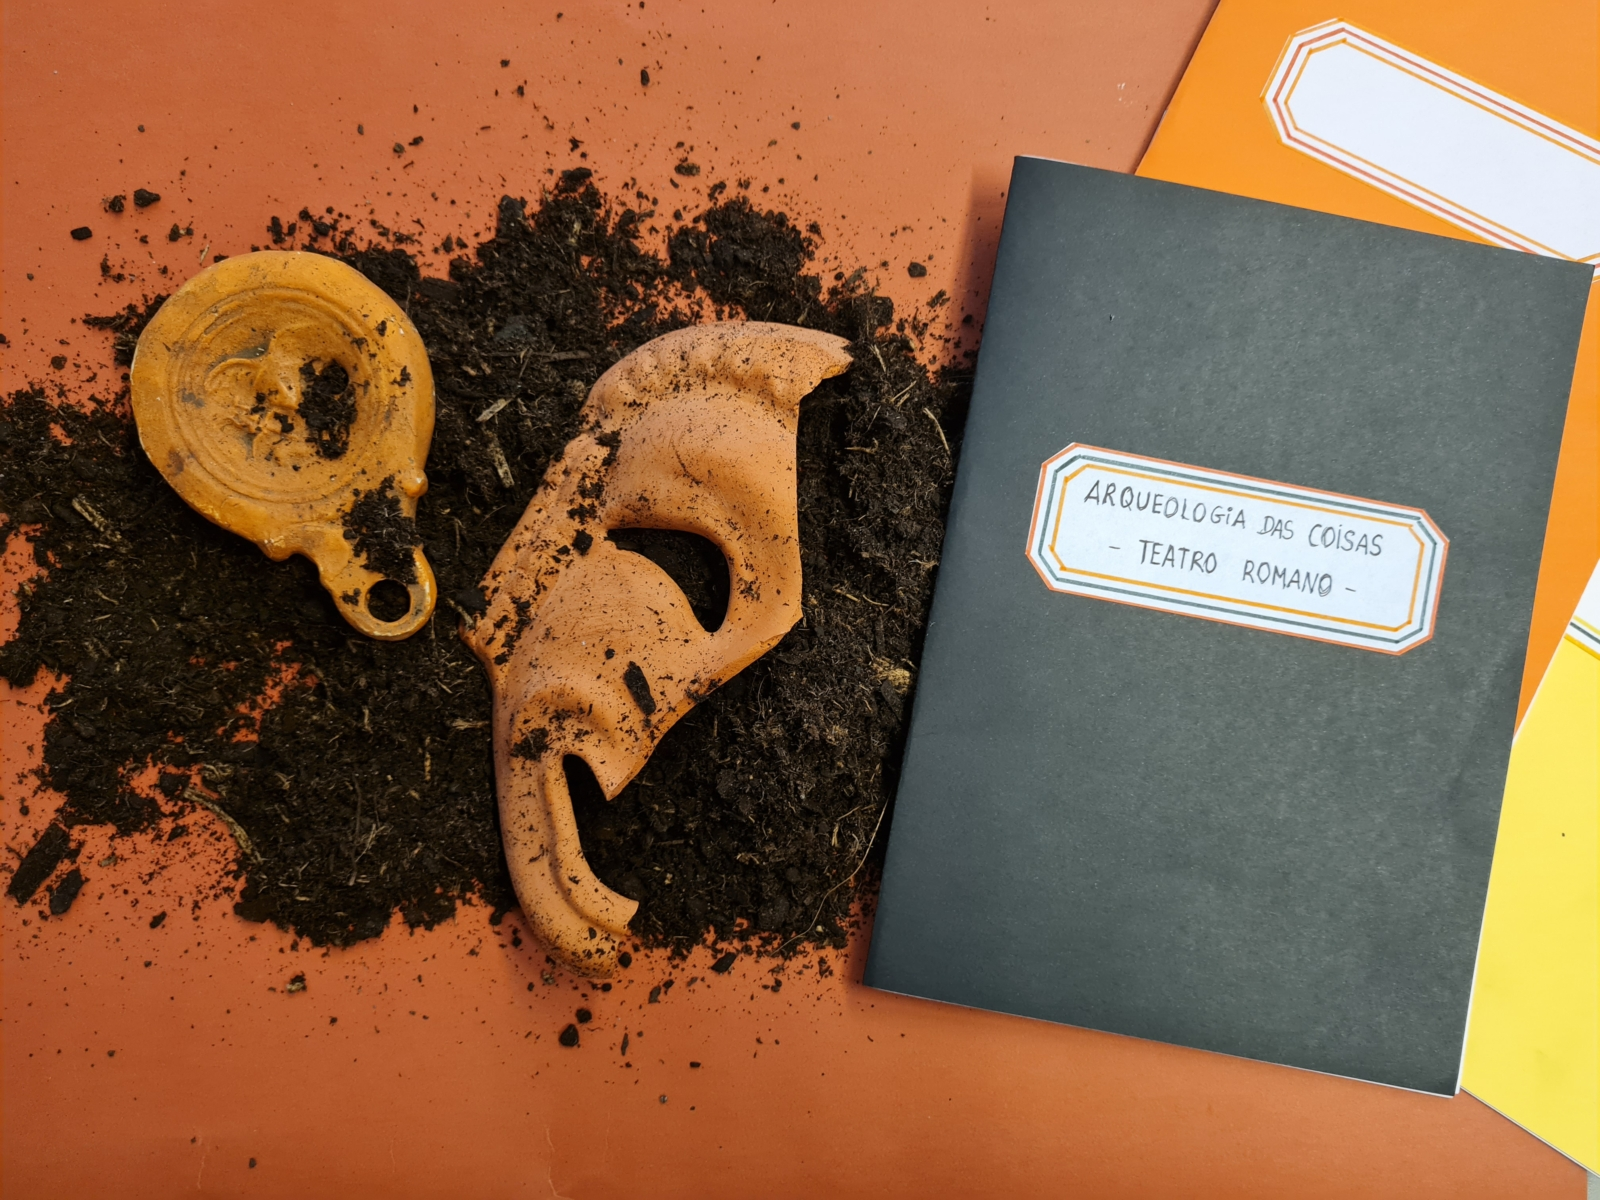 dois cadernos, uma máscara em barro partida em cima de um punhado de terra